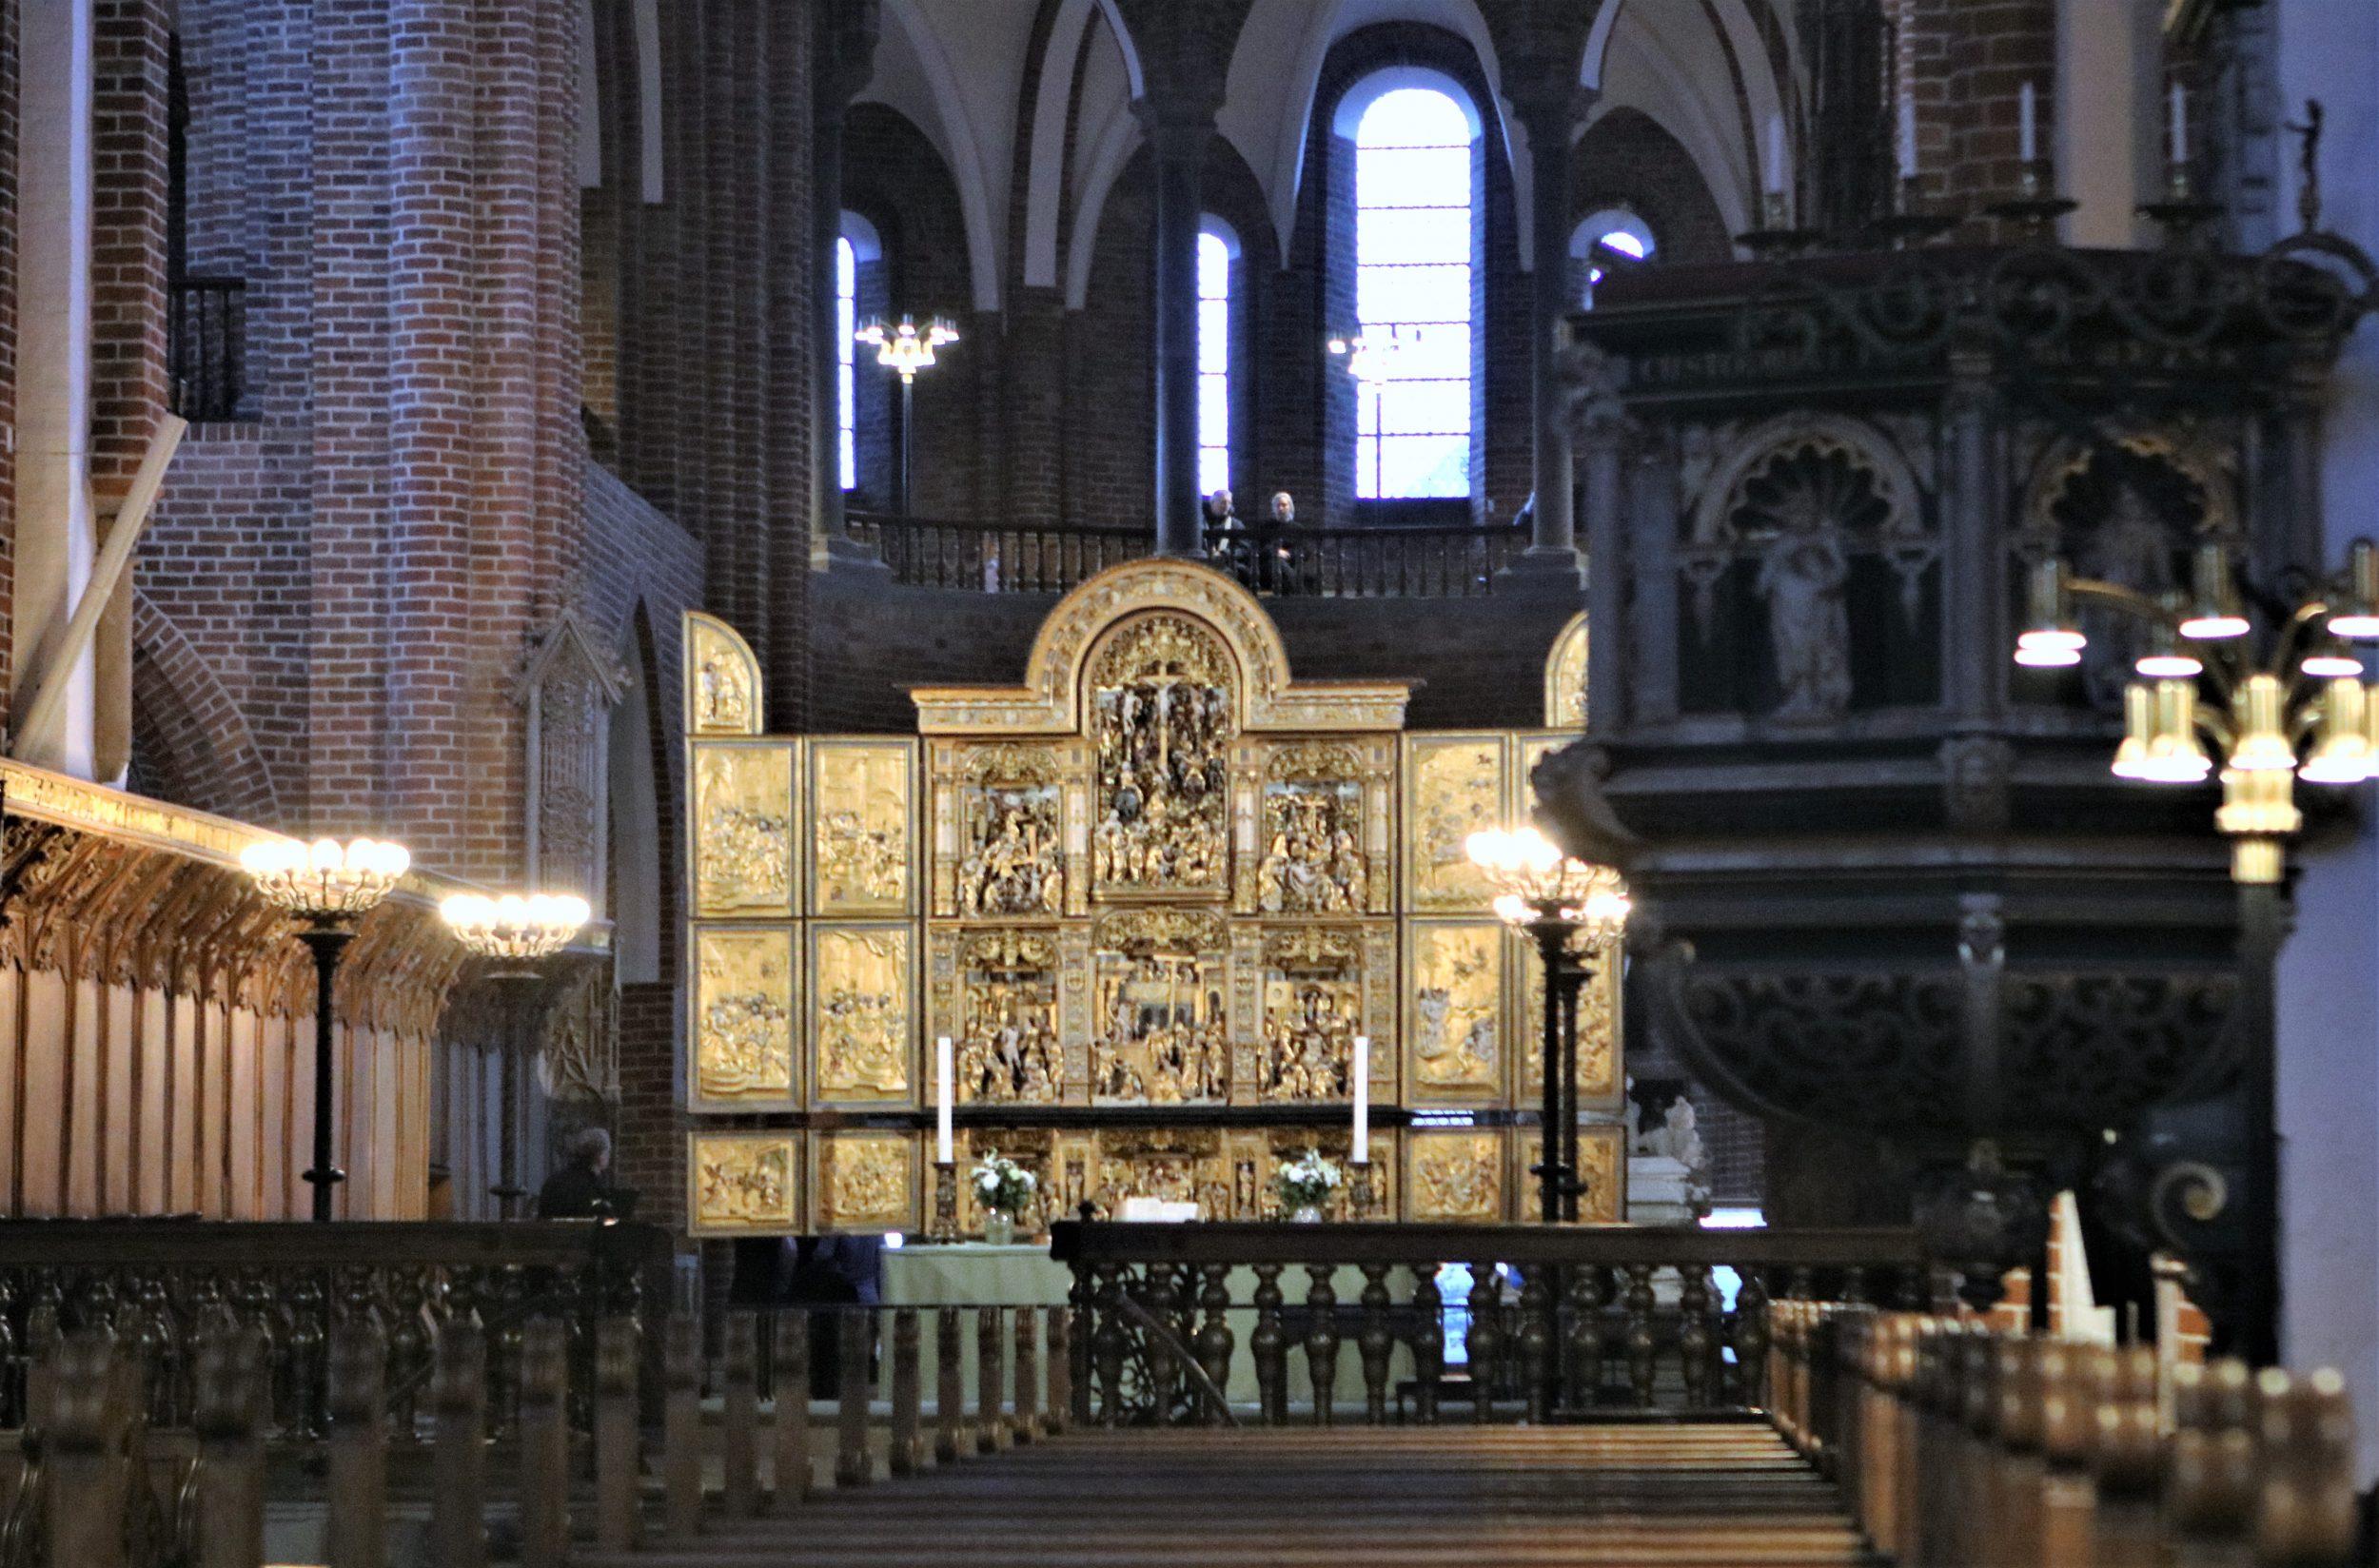 Så åbnede Roskilde Domkirke endelig igen